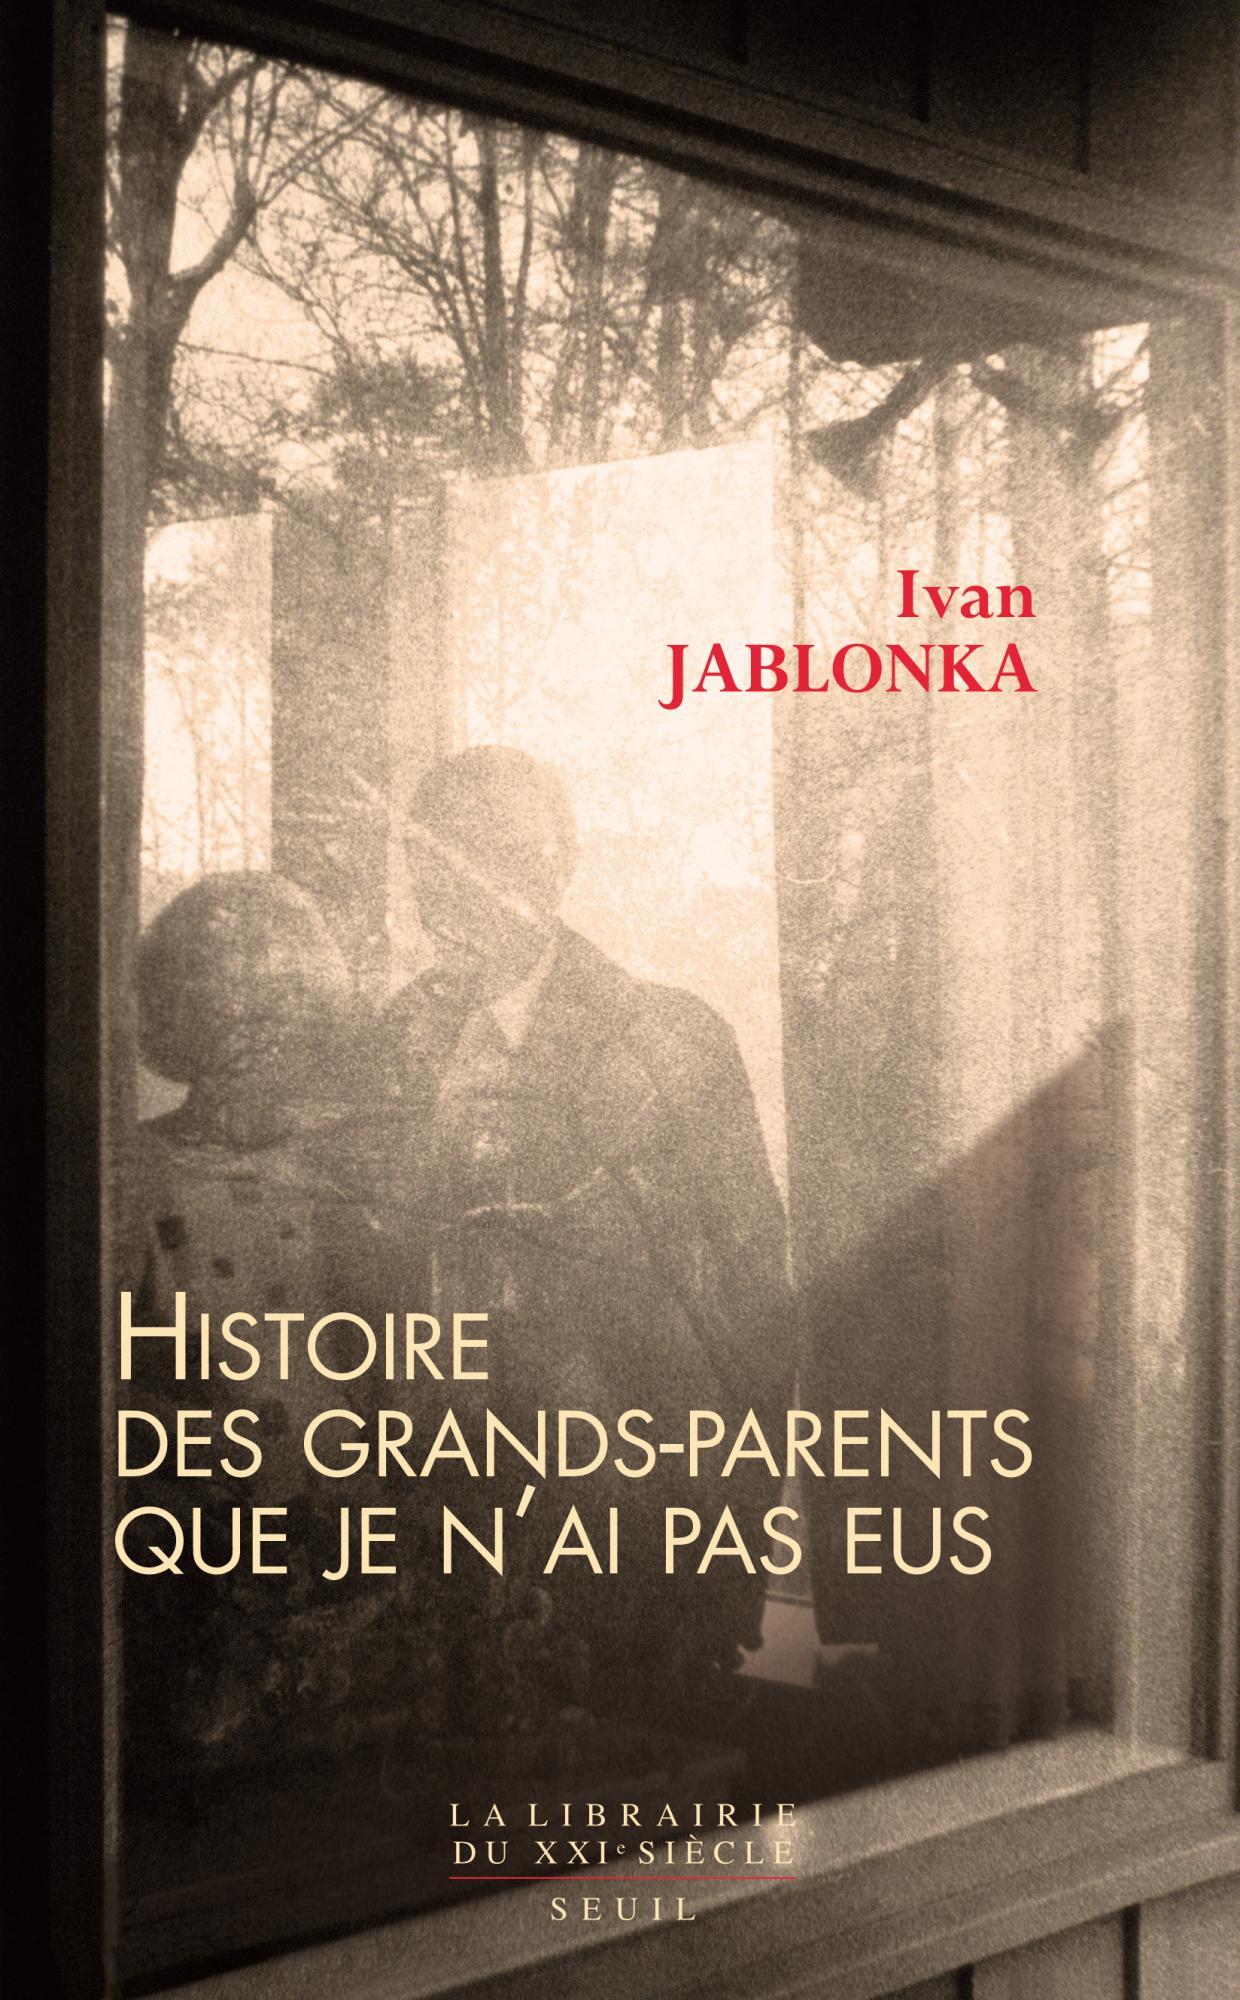 Idée lecture Ivan Jablonka » Histoire des grands-parents que je n'ai pas eus»